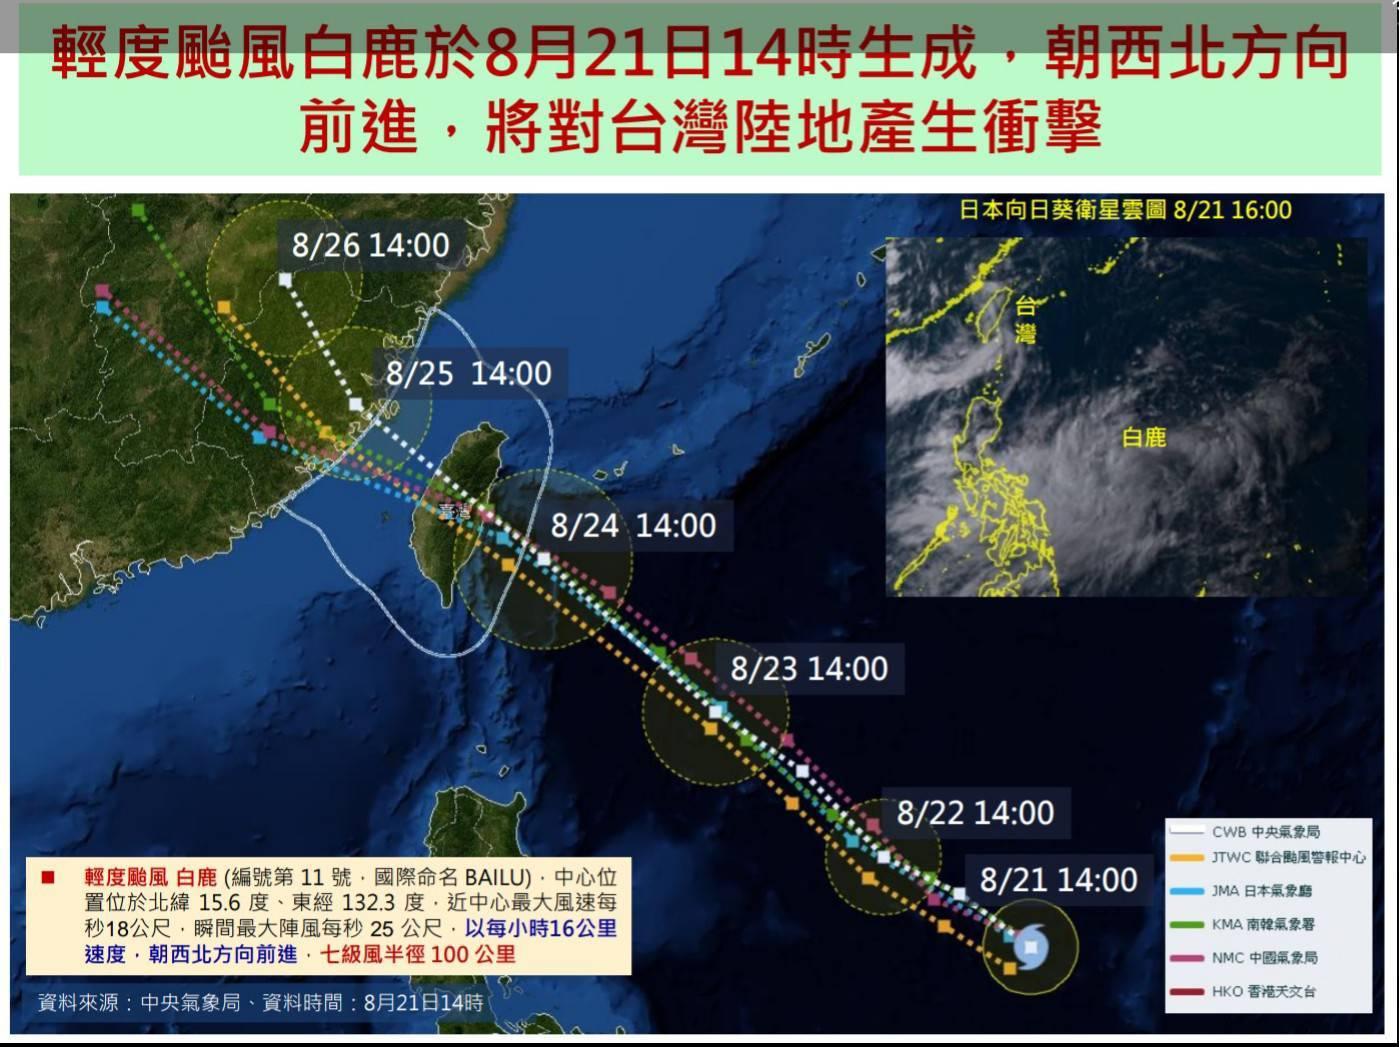 輕颱白鹿將對台灣造成衝擊!